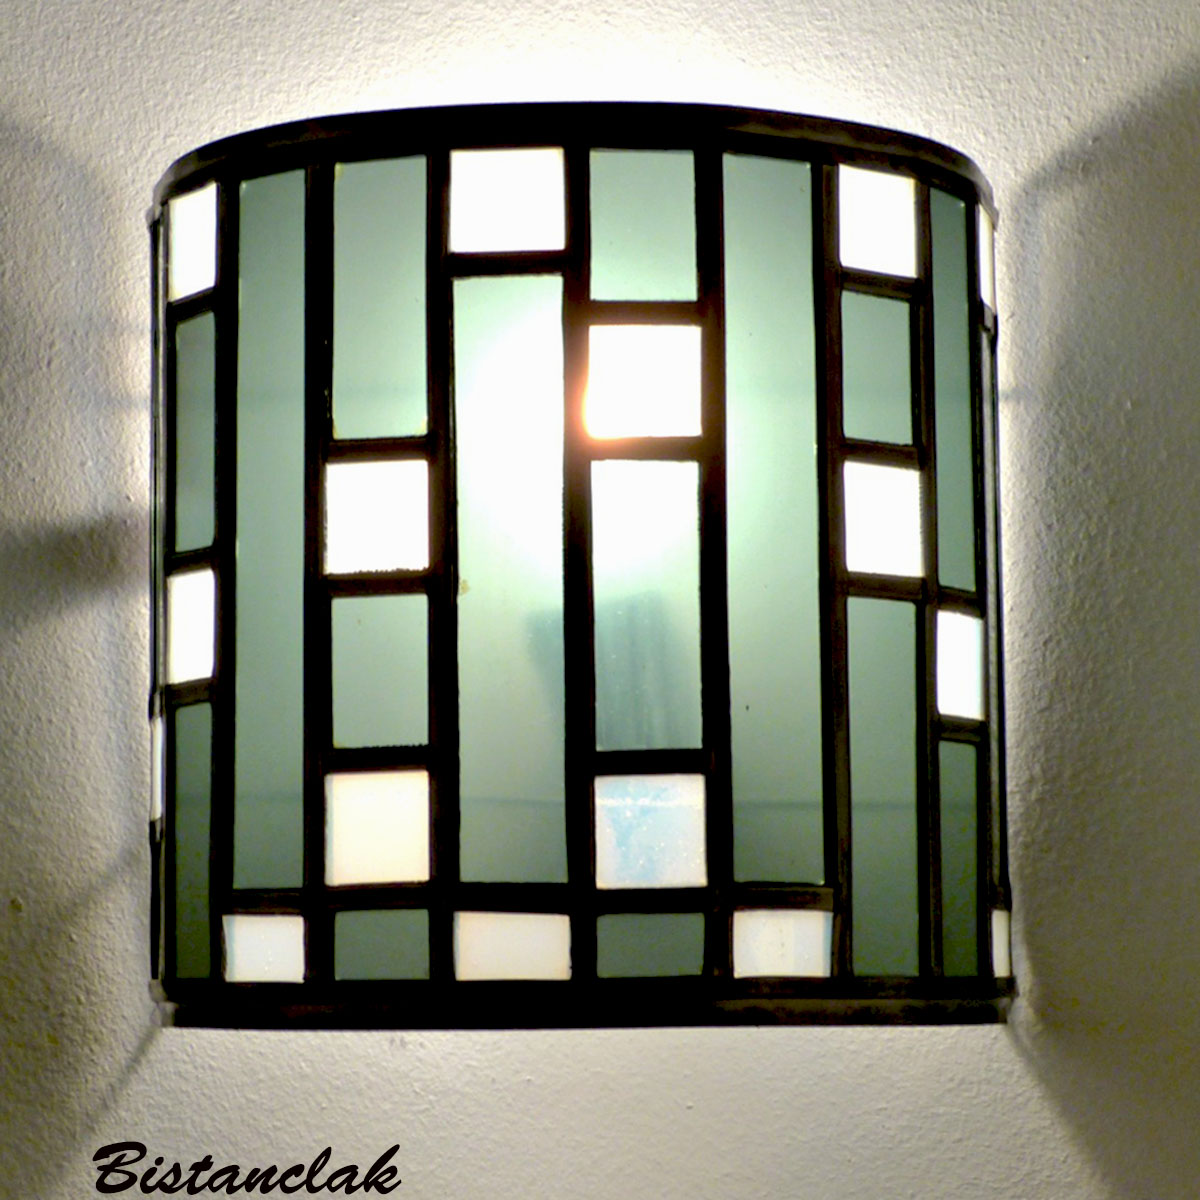 Applique vitrail demi cylindre noir et blanc tendance art deco 5 1